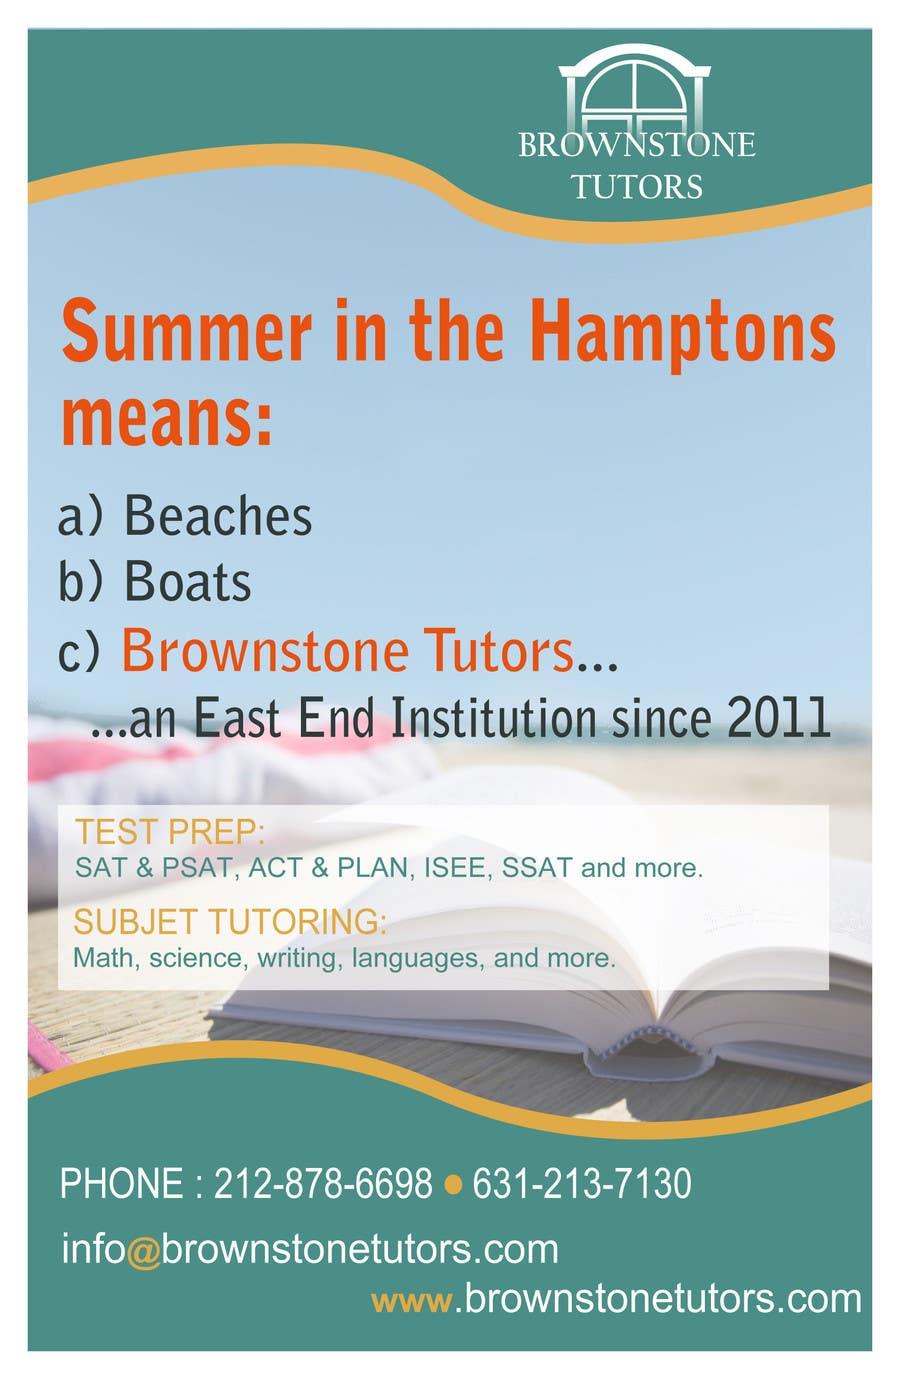 Konkurrenceindlæg #2 for Advertisement Design for Brownstone Tutors